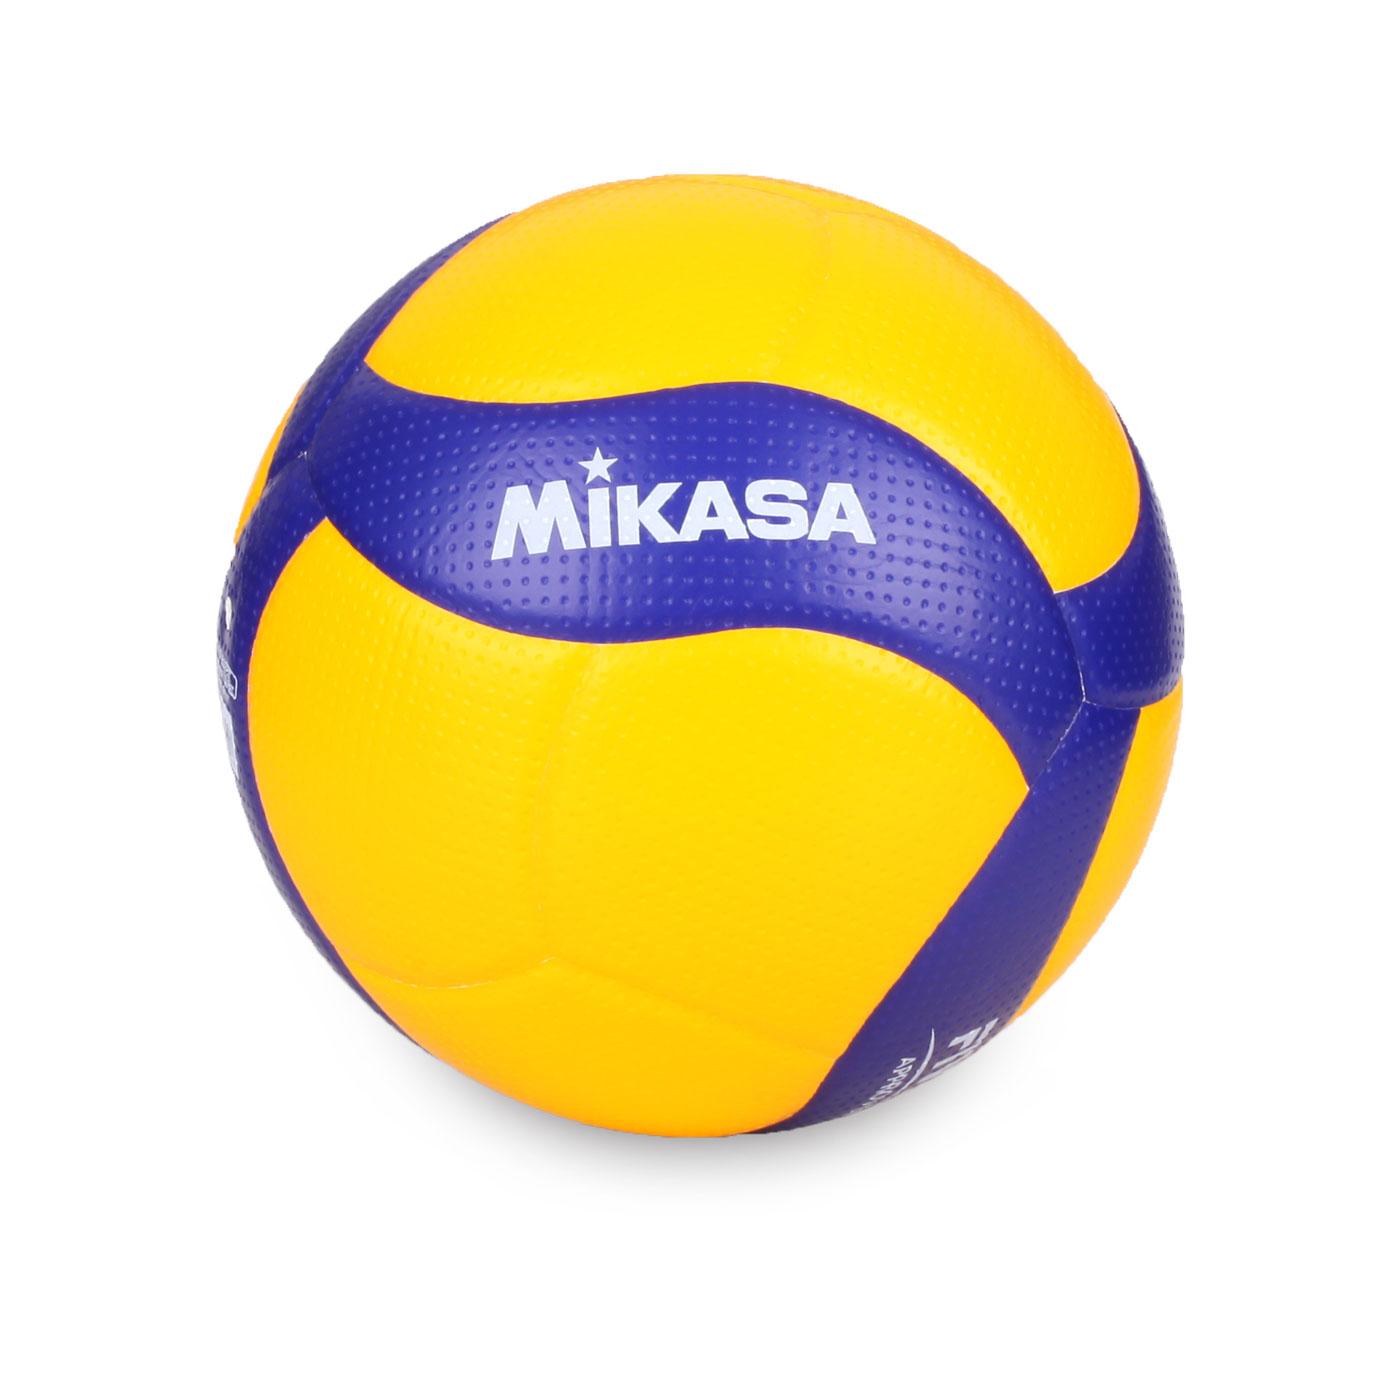 MIKASA 超纖皮製練習型排球 #5 V300W - 黃藍